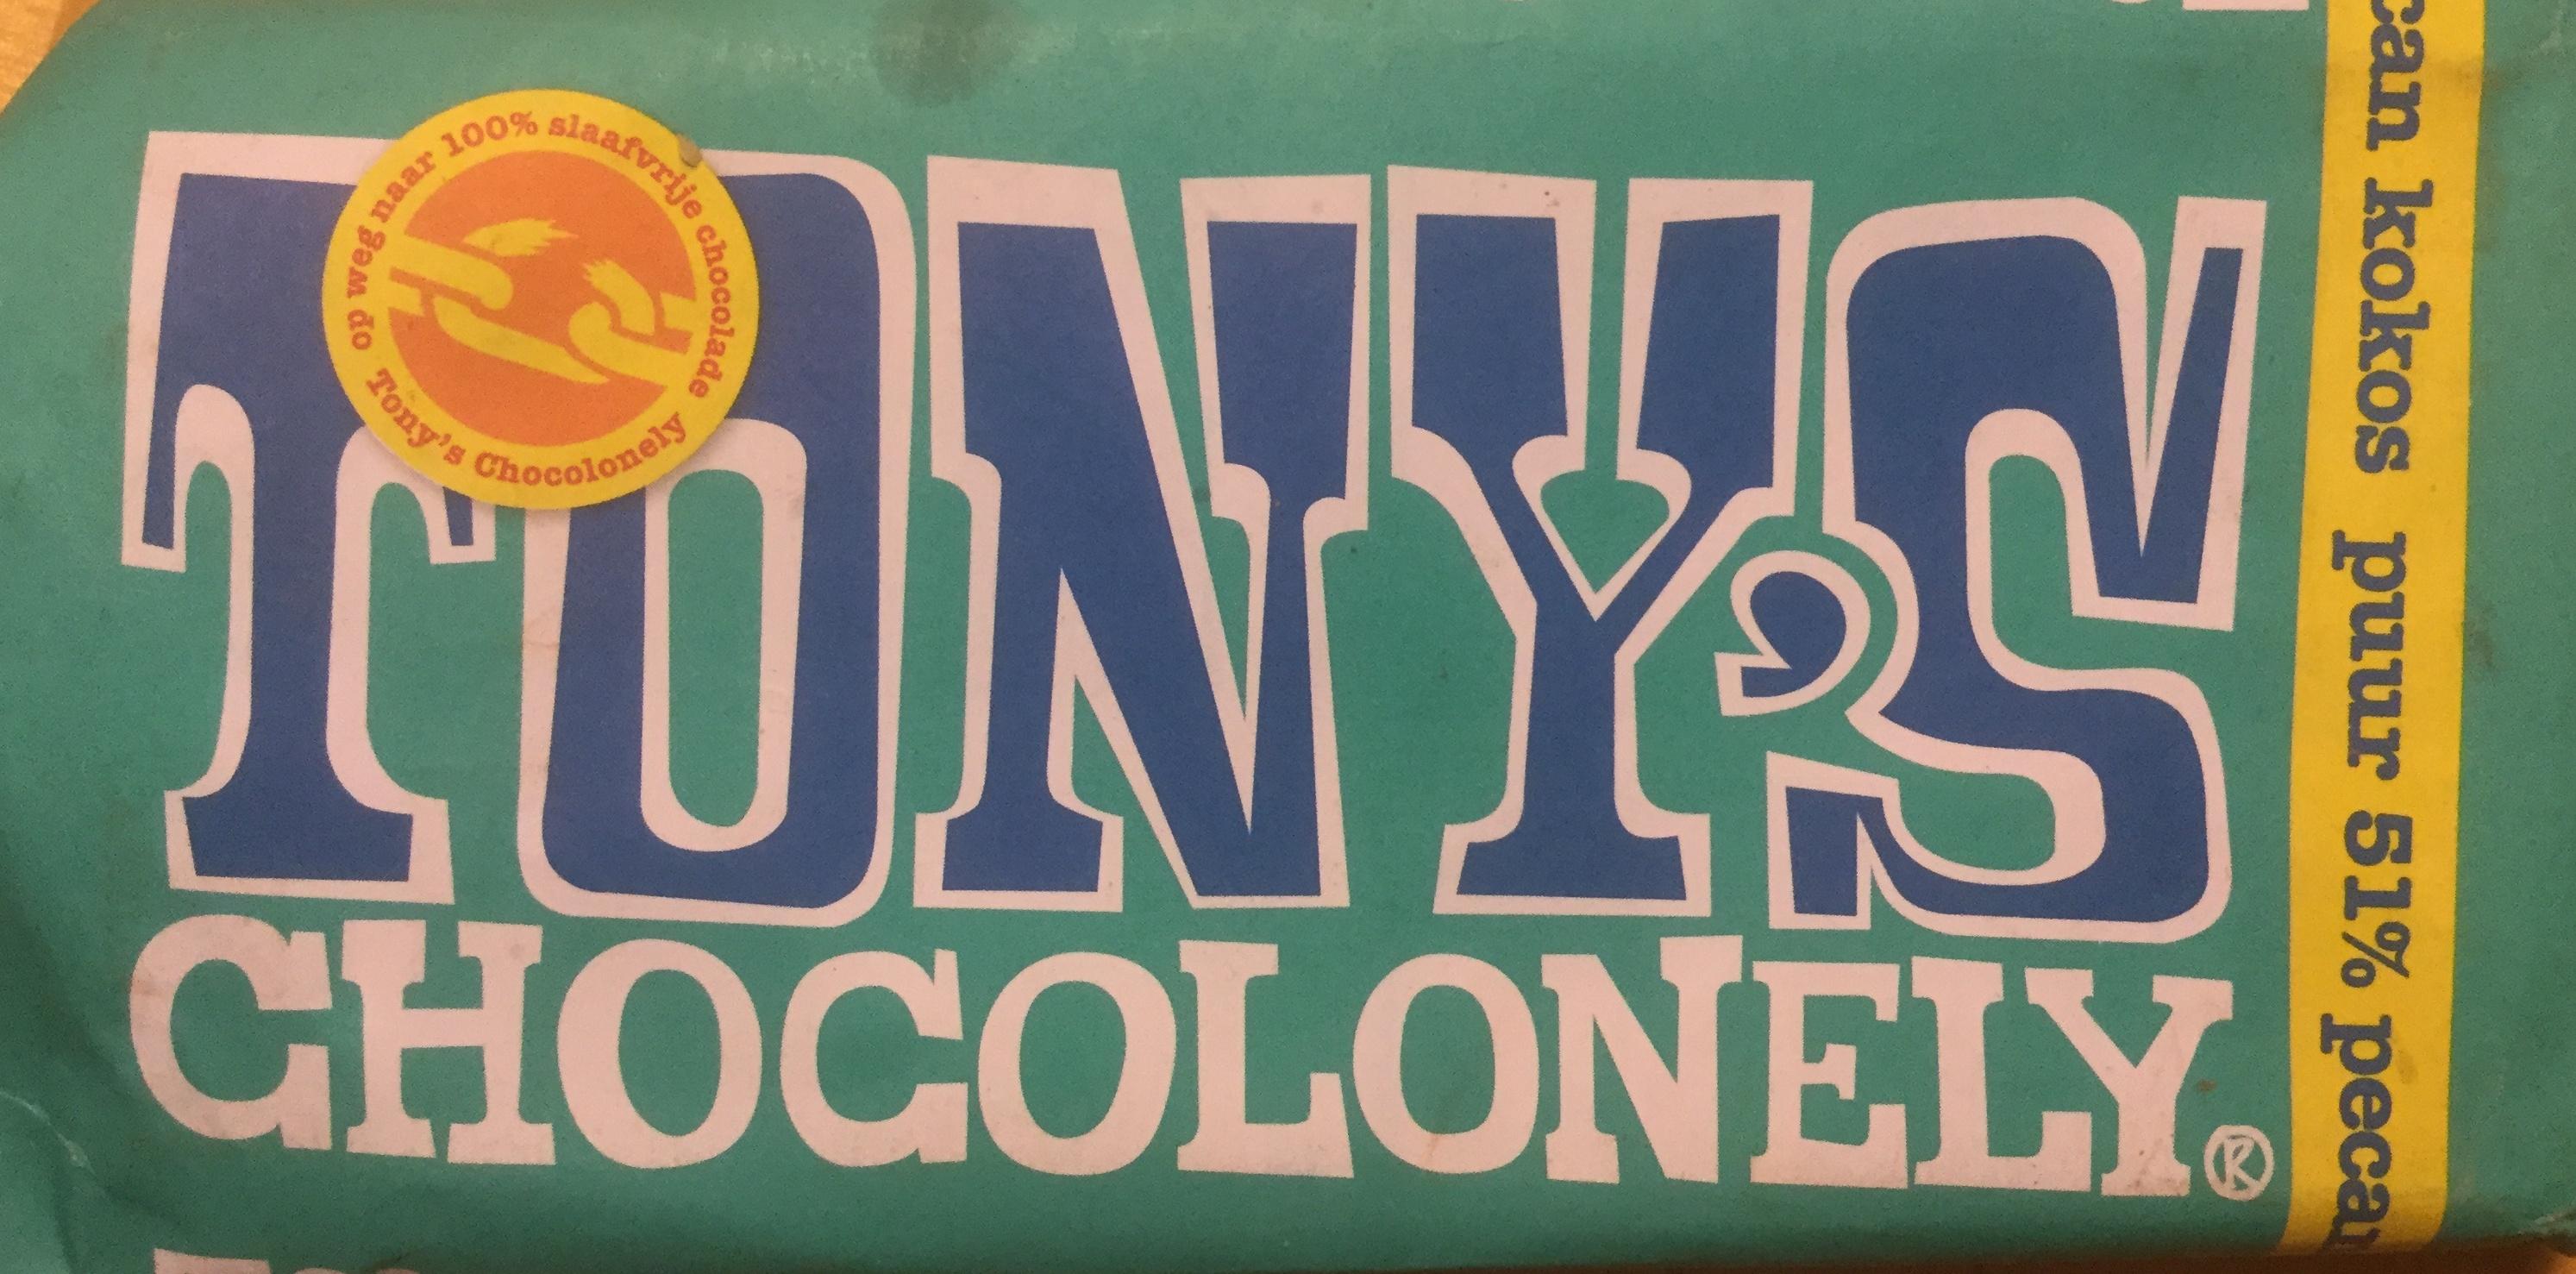 Pecan kokos puur 51% - Product - nl